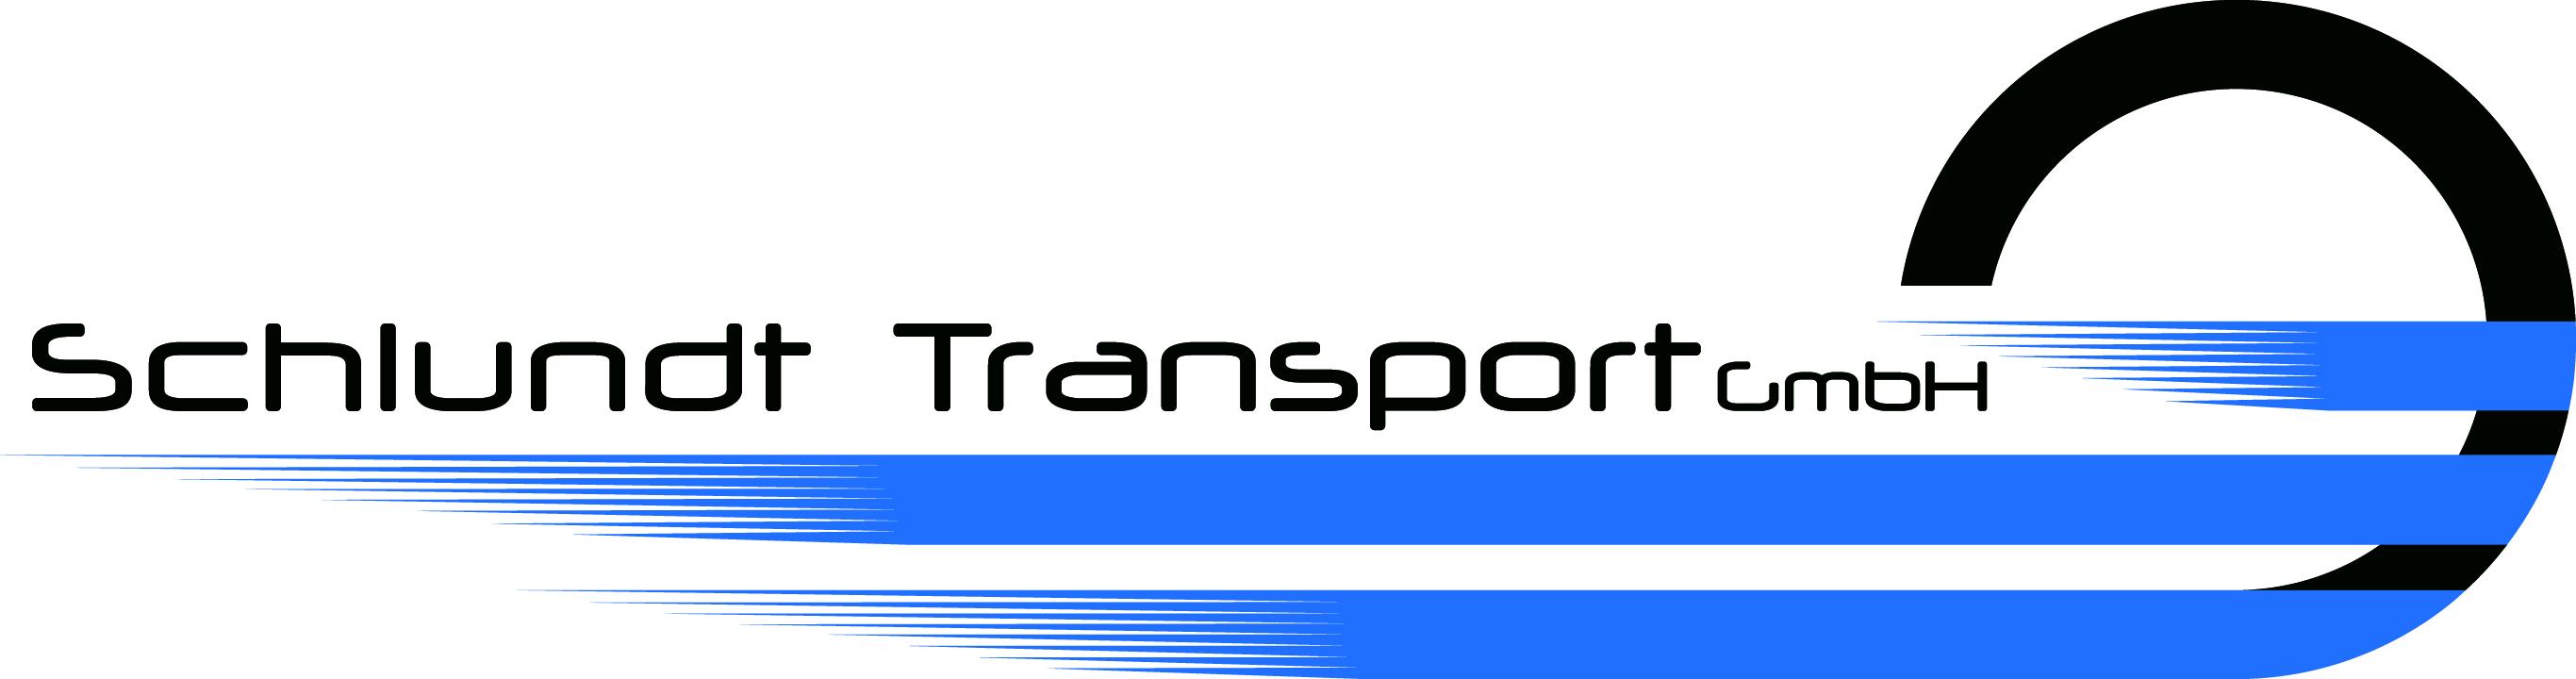 Schlundt Transport GmbH